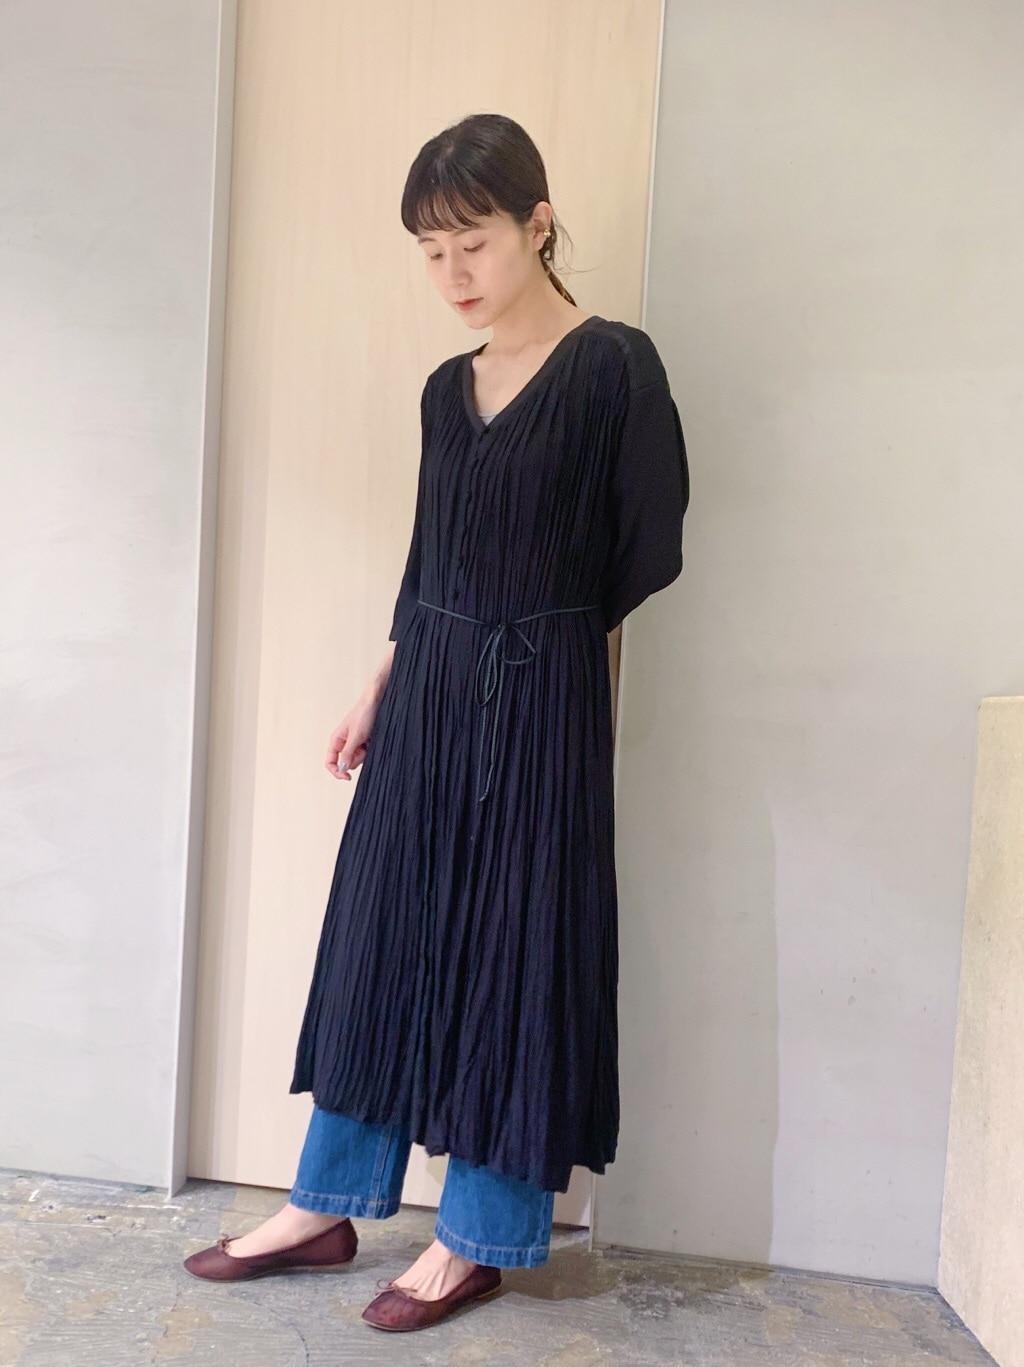 ルミネ新宿 2020.06.11